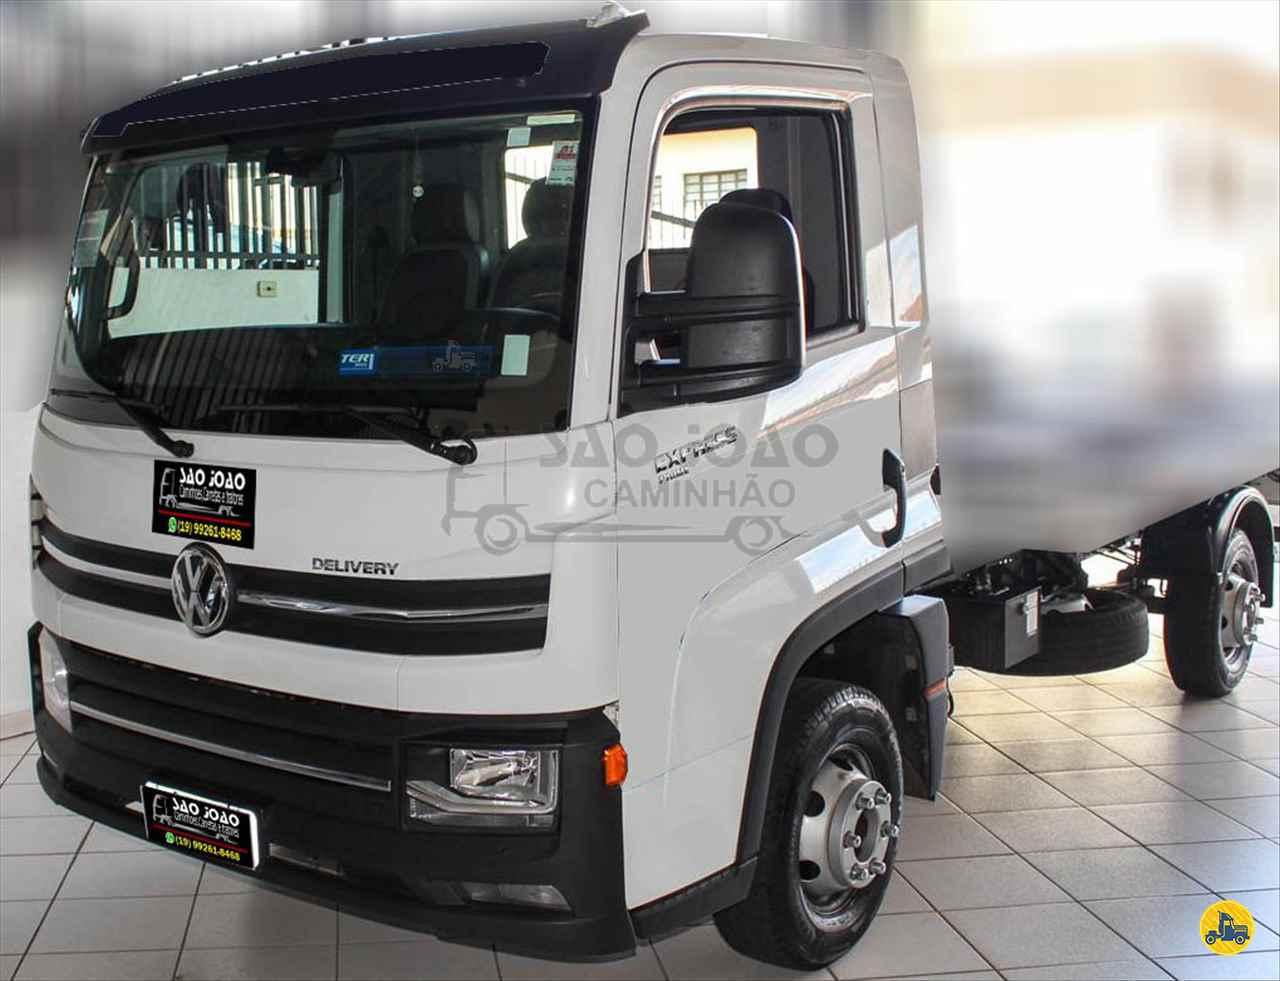 CAMINHAO VOLKSWAGEN DELIVERY EXPRESS Chassis Toco 4x2 São João Caminhão SAO JOAO DA BOA VISTA SÃO PAULO SP